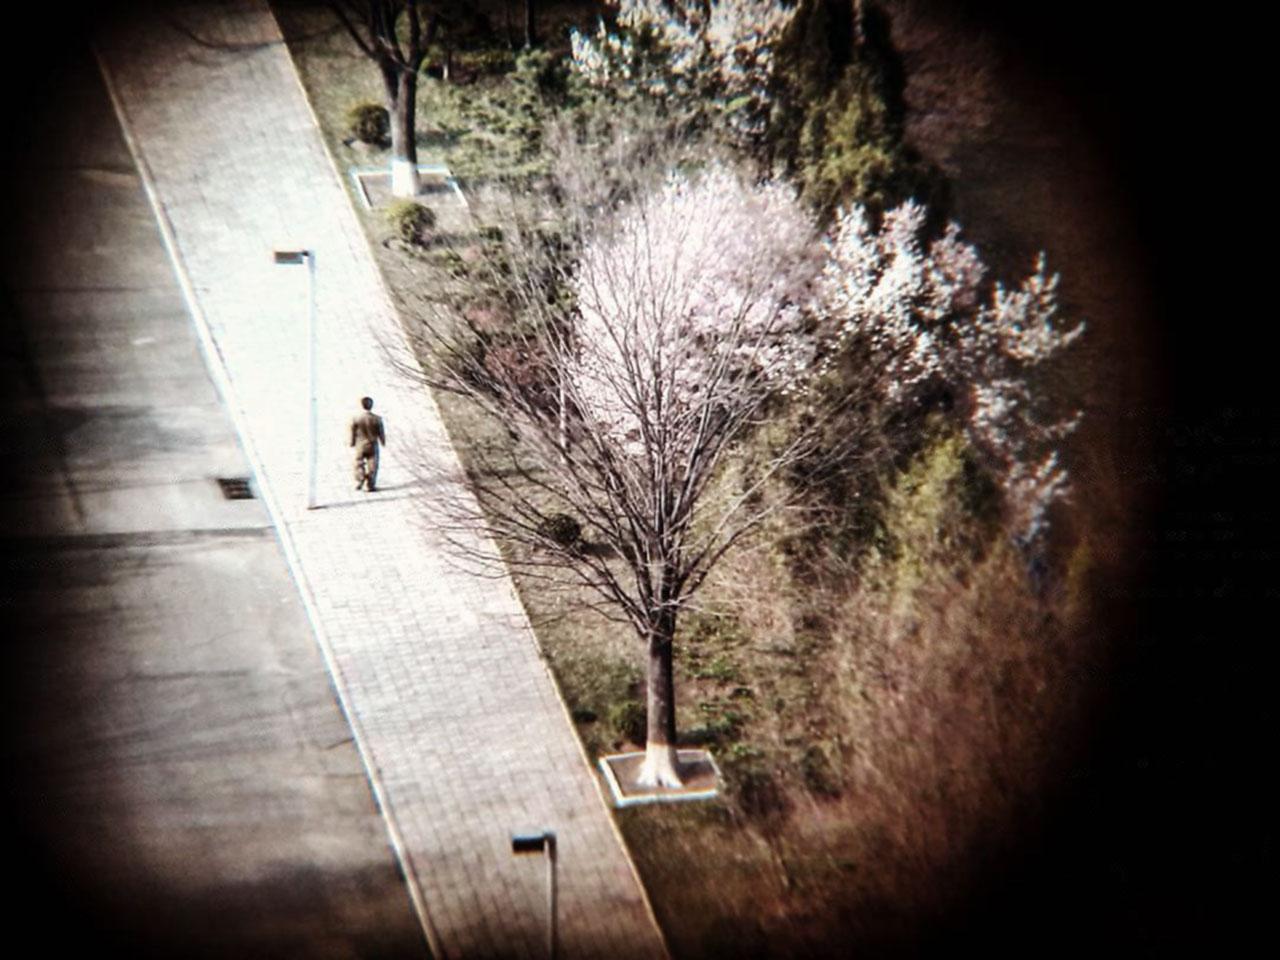 Снайпер, © Мэтт Халс, Эдинбург / Великобритания, Победитель категории «Свободный стиль / Концептуальная фотография», Фотоконкурс Felix Schoeller